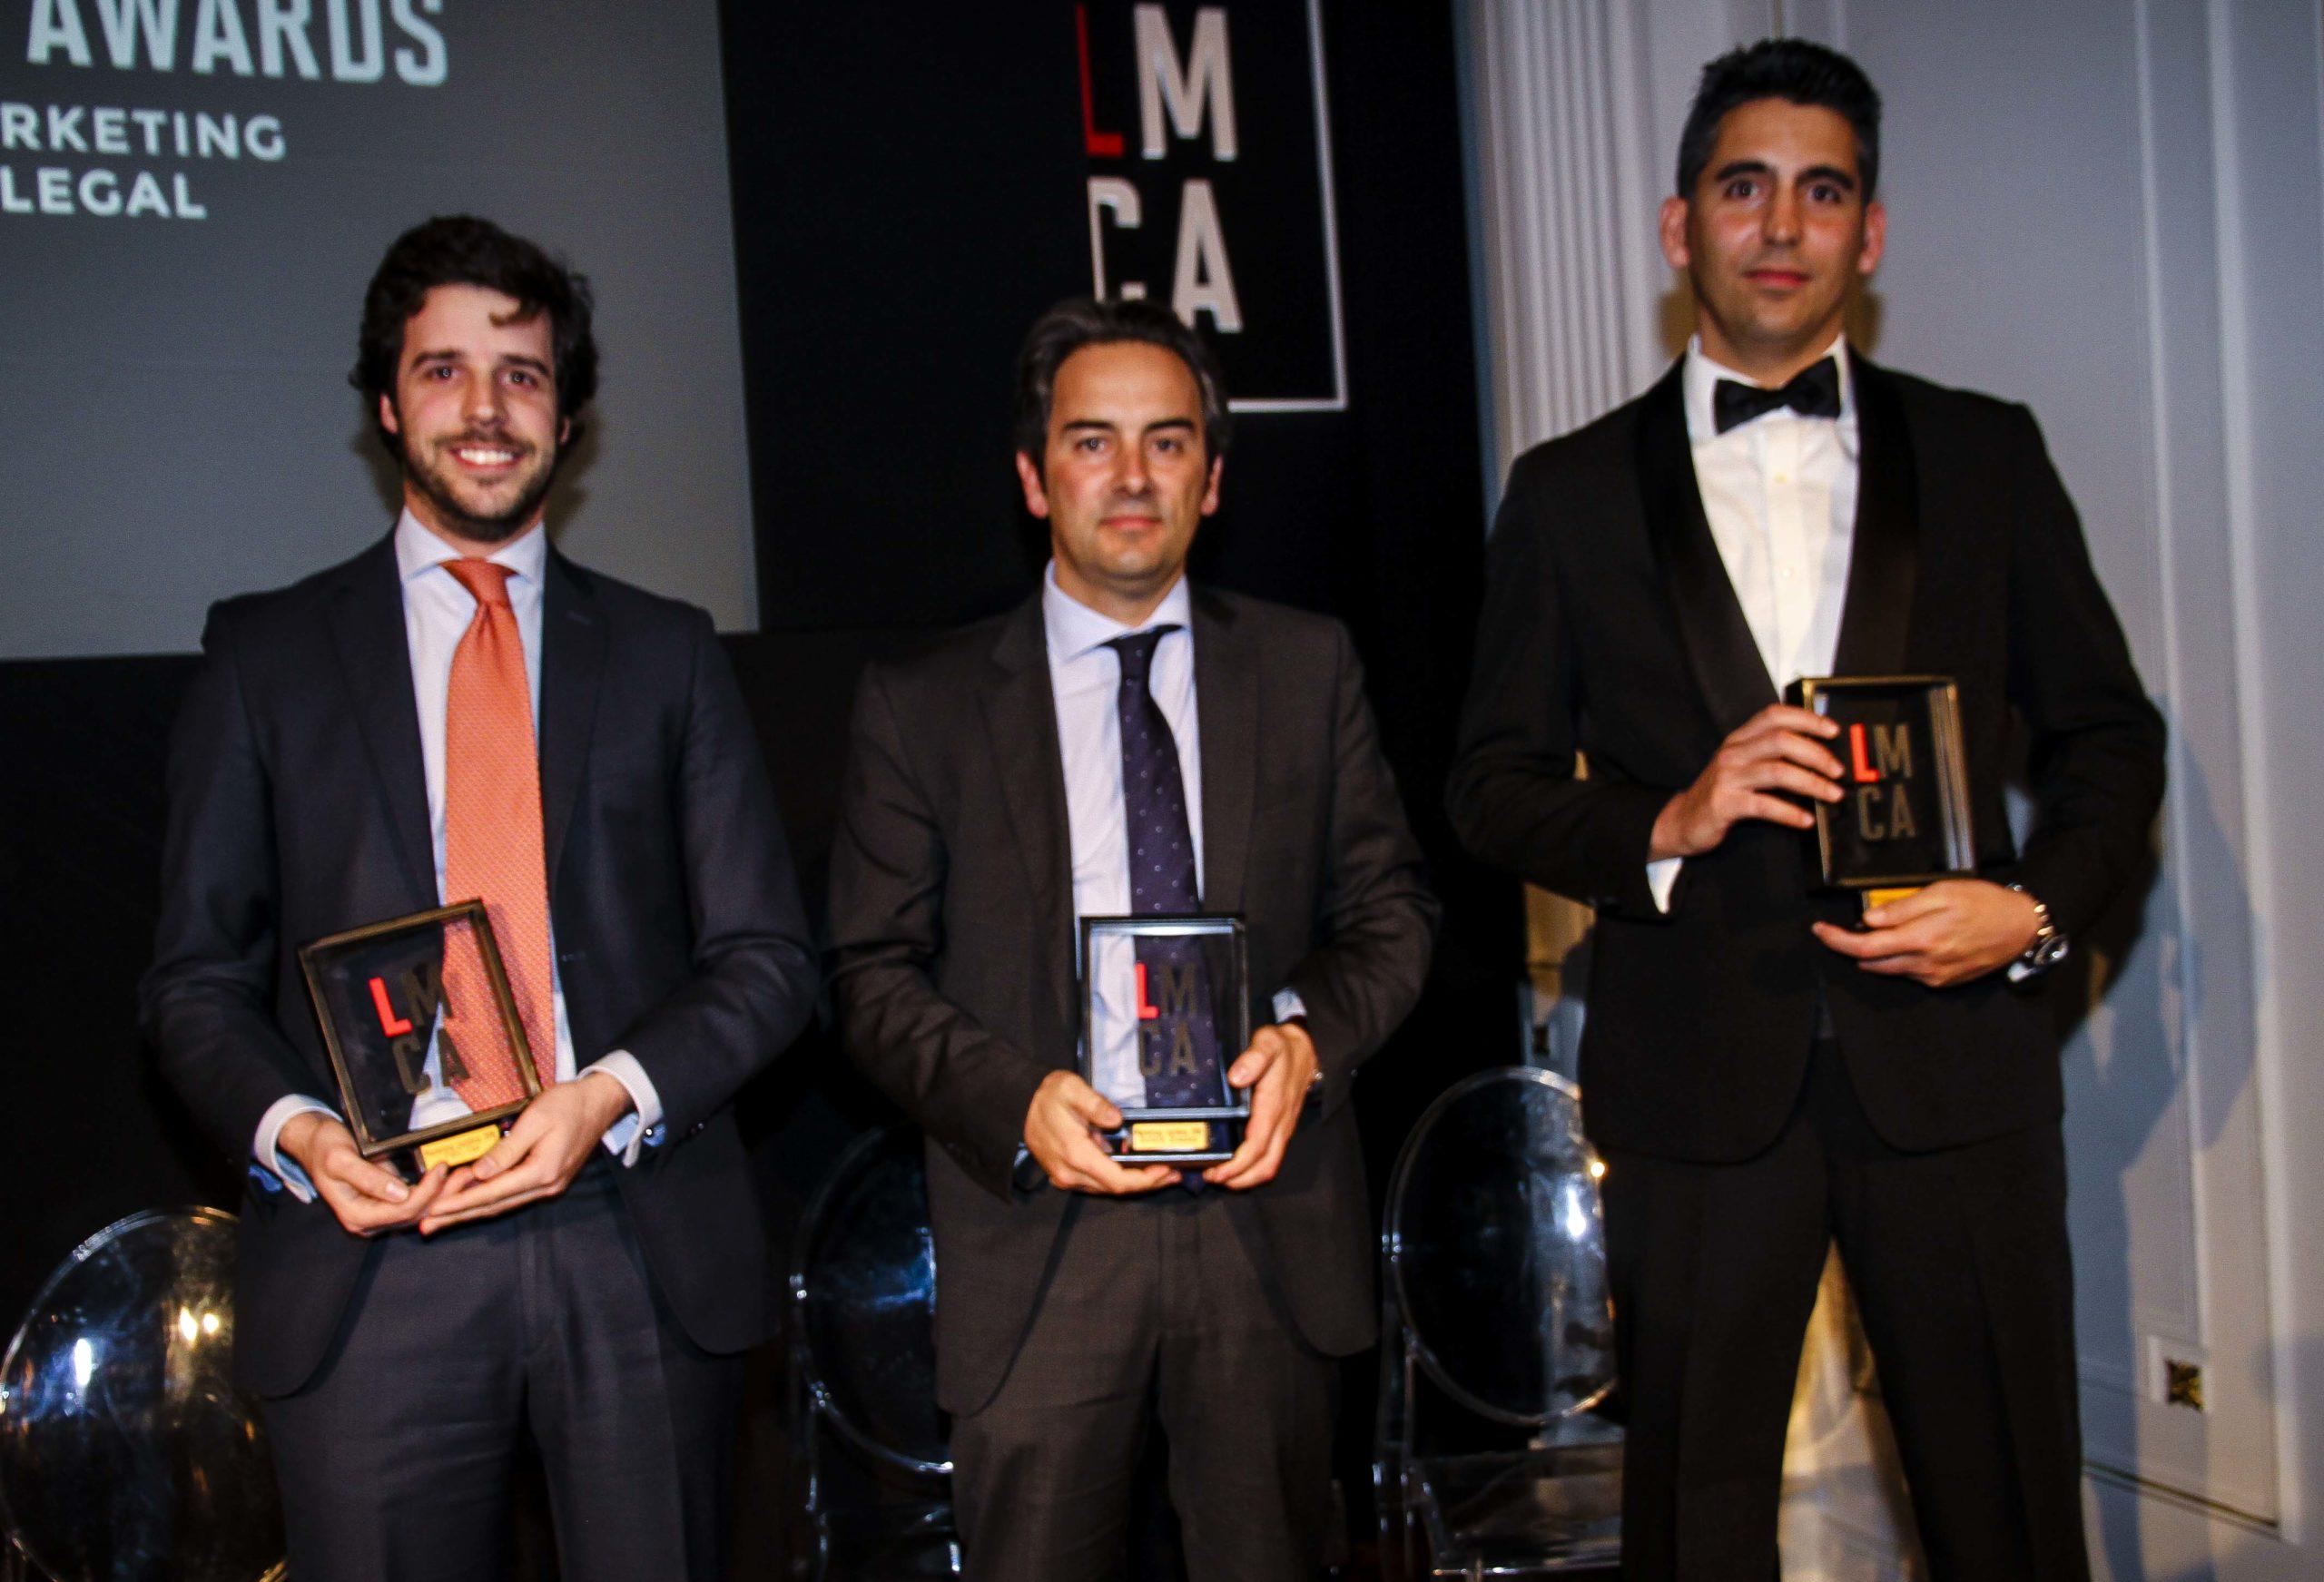 Xavier Janer, de PWC Tax, Pau Nadal, de Bufete Buades, y Jorge Graupera, de Legalcity, en la foto de premiados. Confilegal.